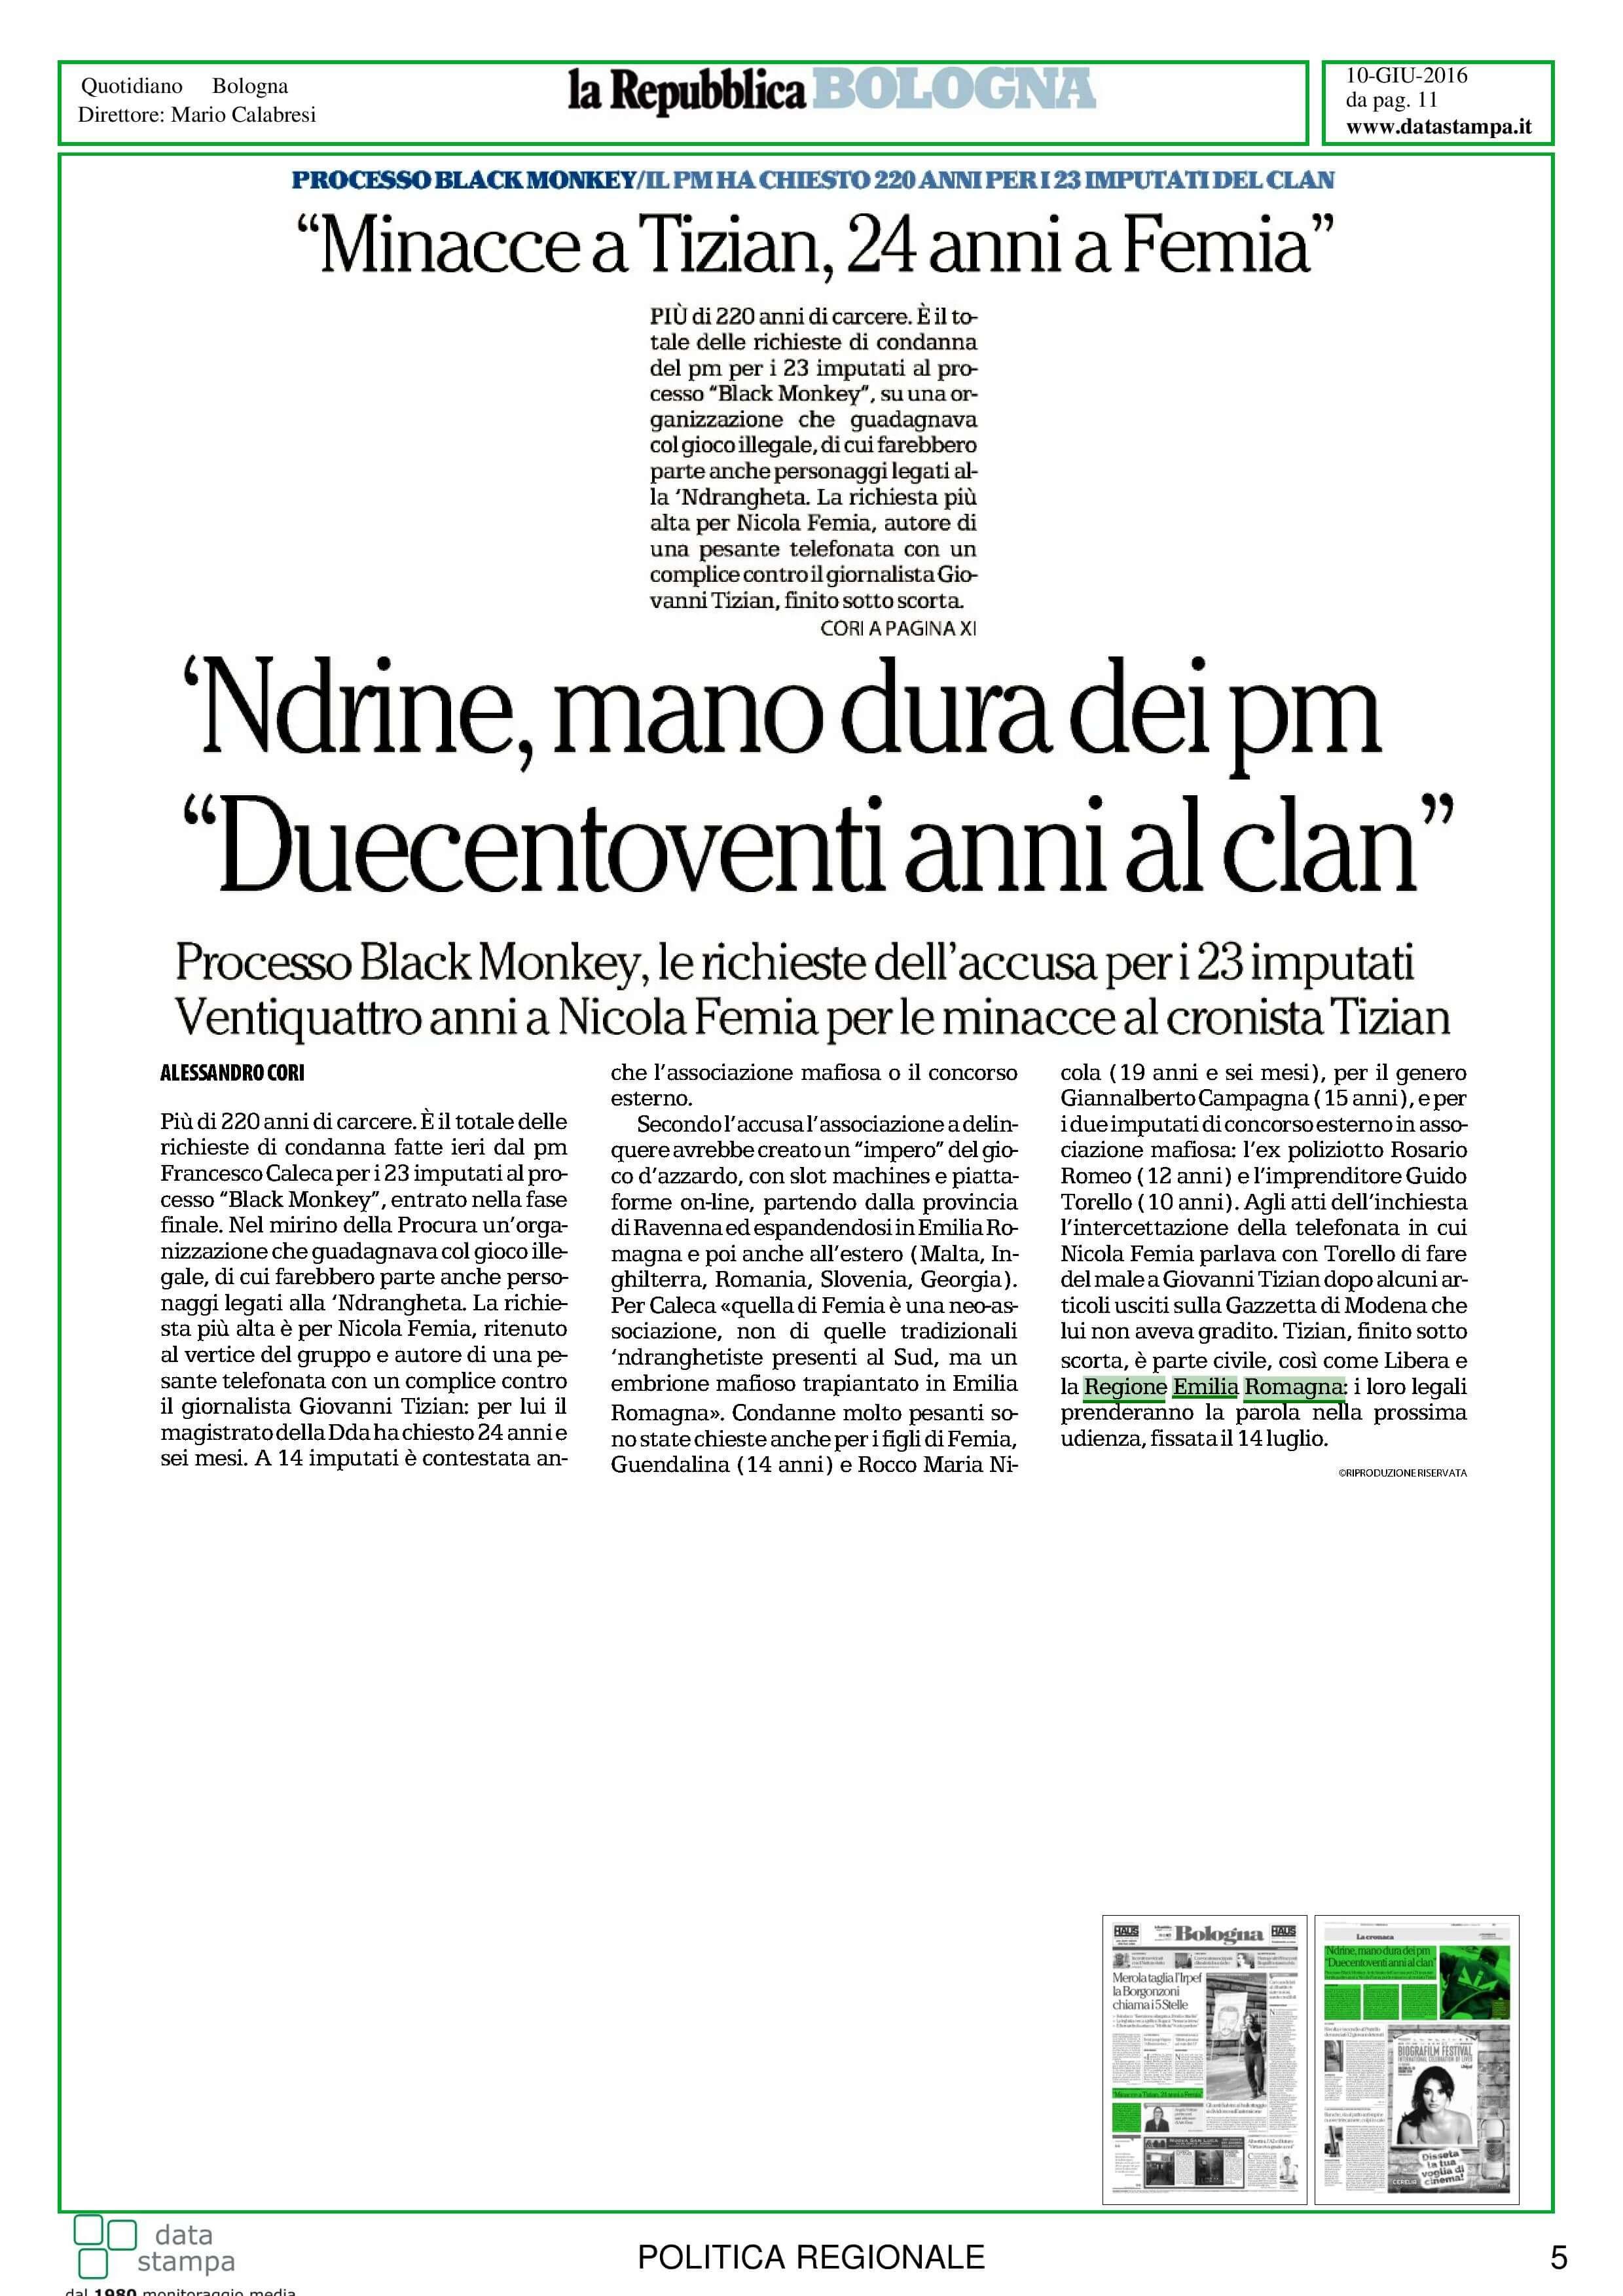 mafia-legalita-in-er-9-10-giugno-page-006